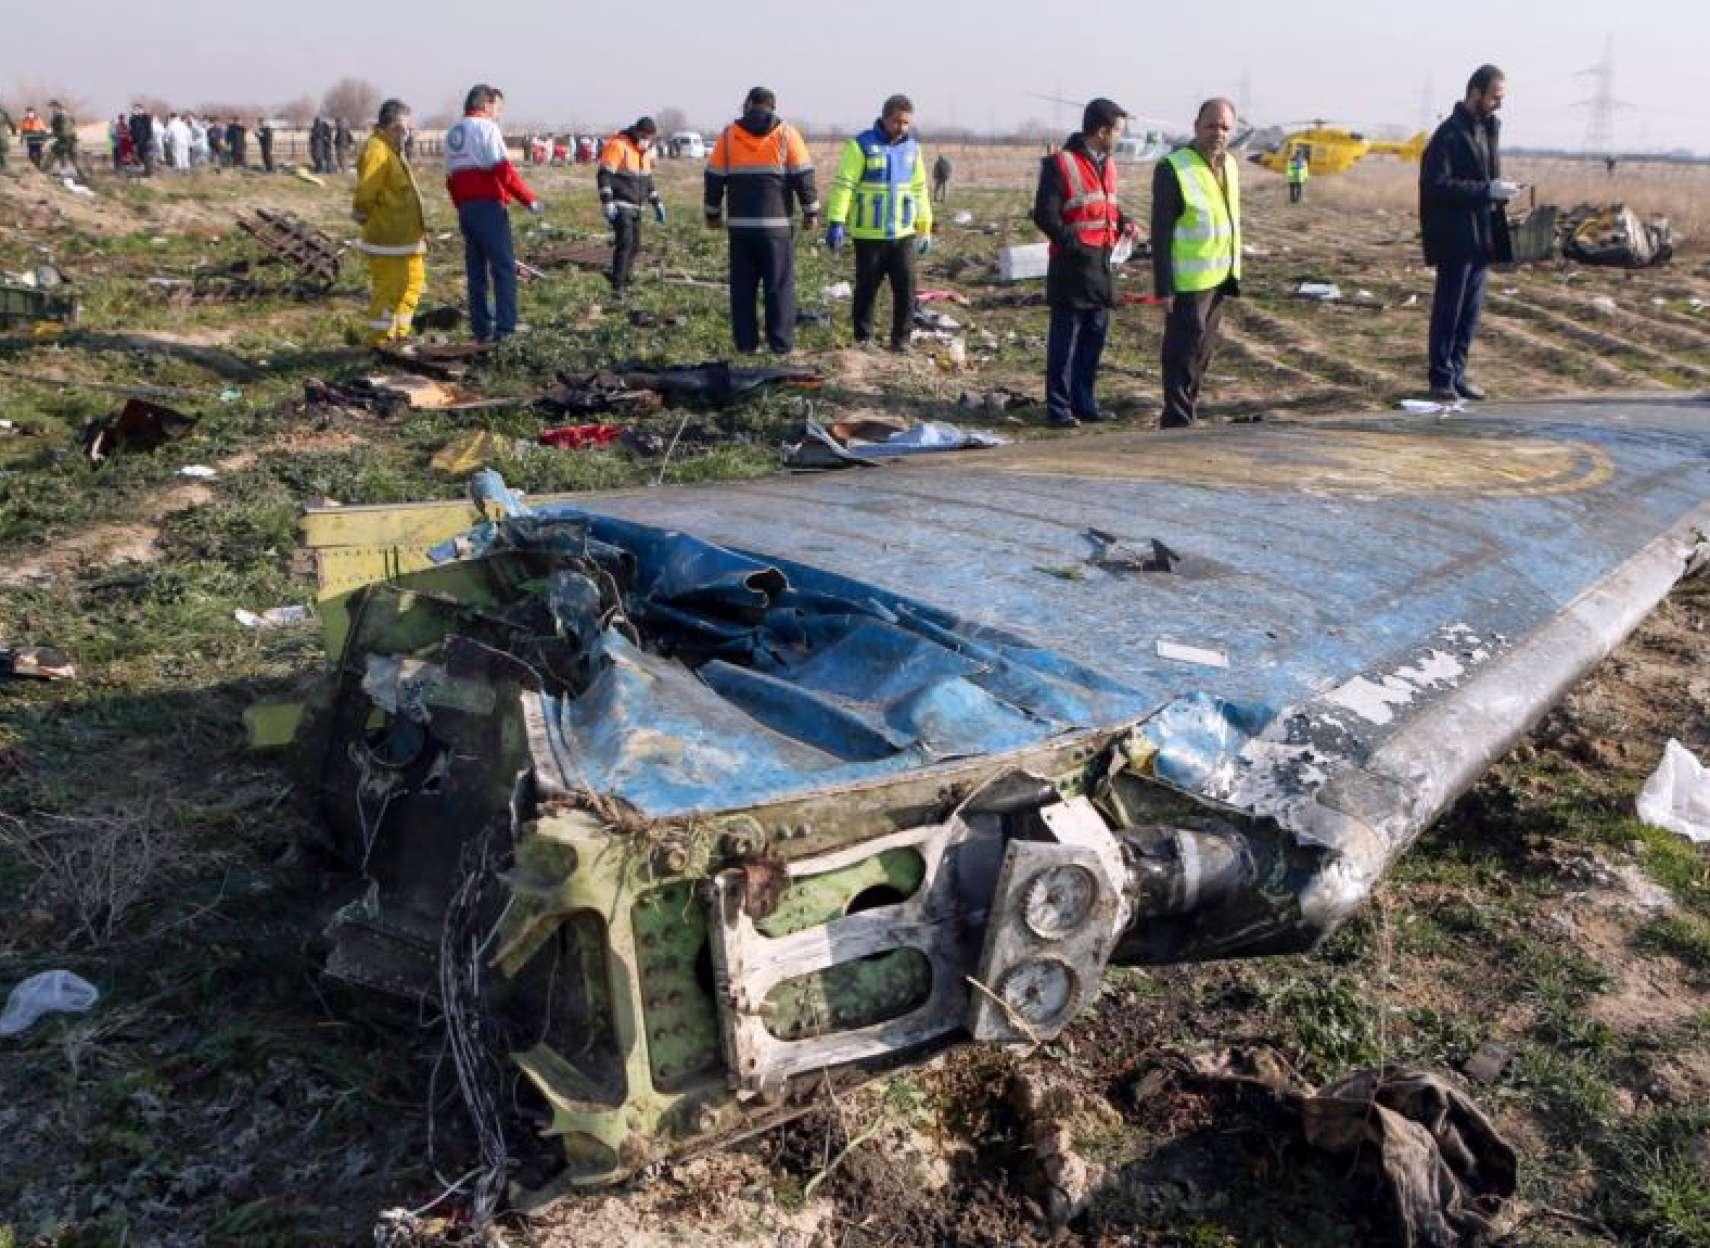 جمهوری-اسلامی-گزارش-نهایی-بازخوانی- جعبه- سیاه- هواپیما-اوکراینی- اعلام- میشود